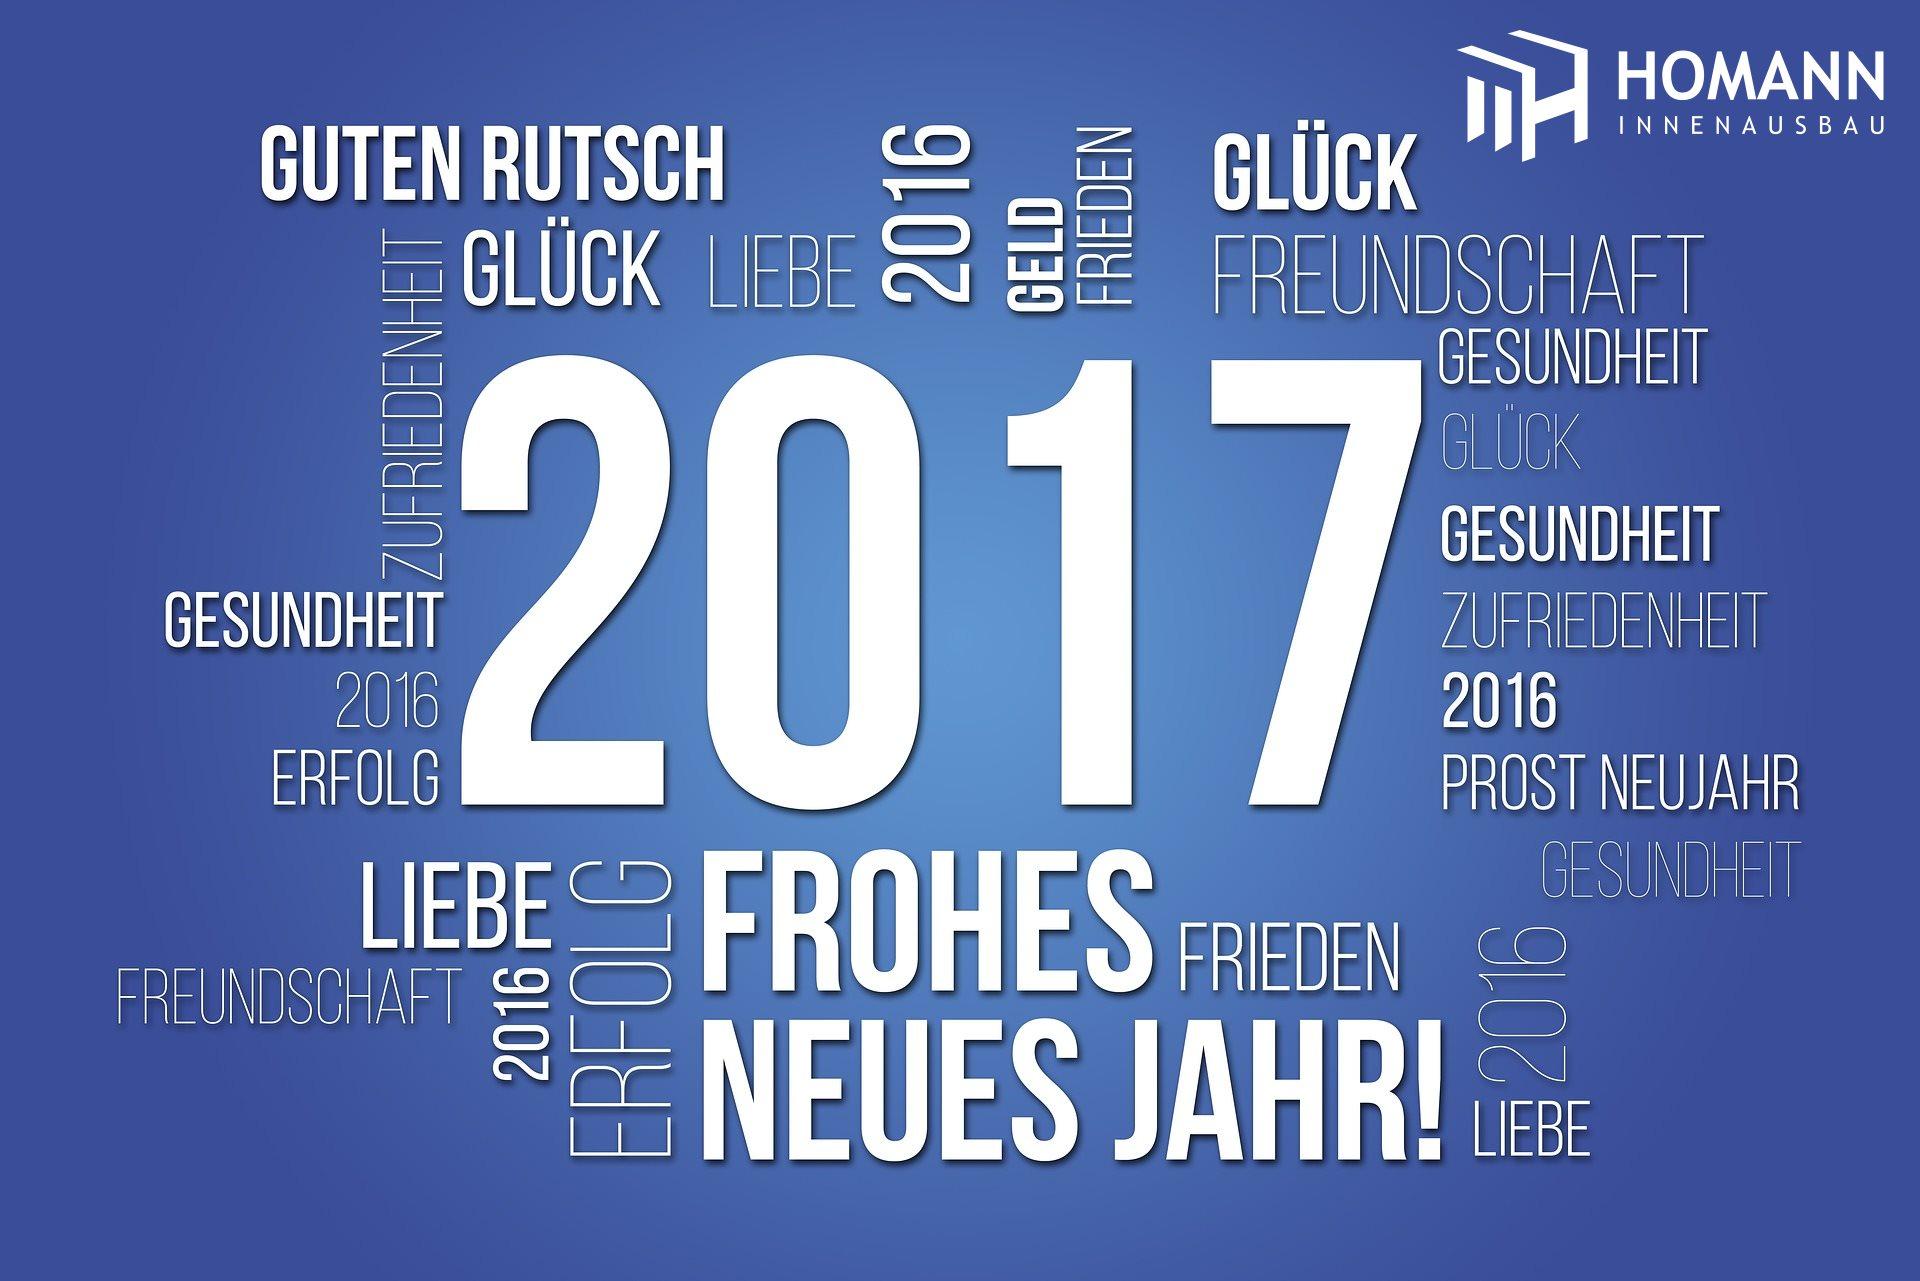 Frohes Neues Jahr 2016, Trockenbaufachbetrieb